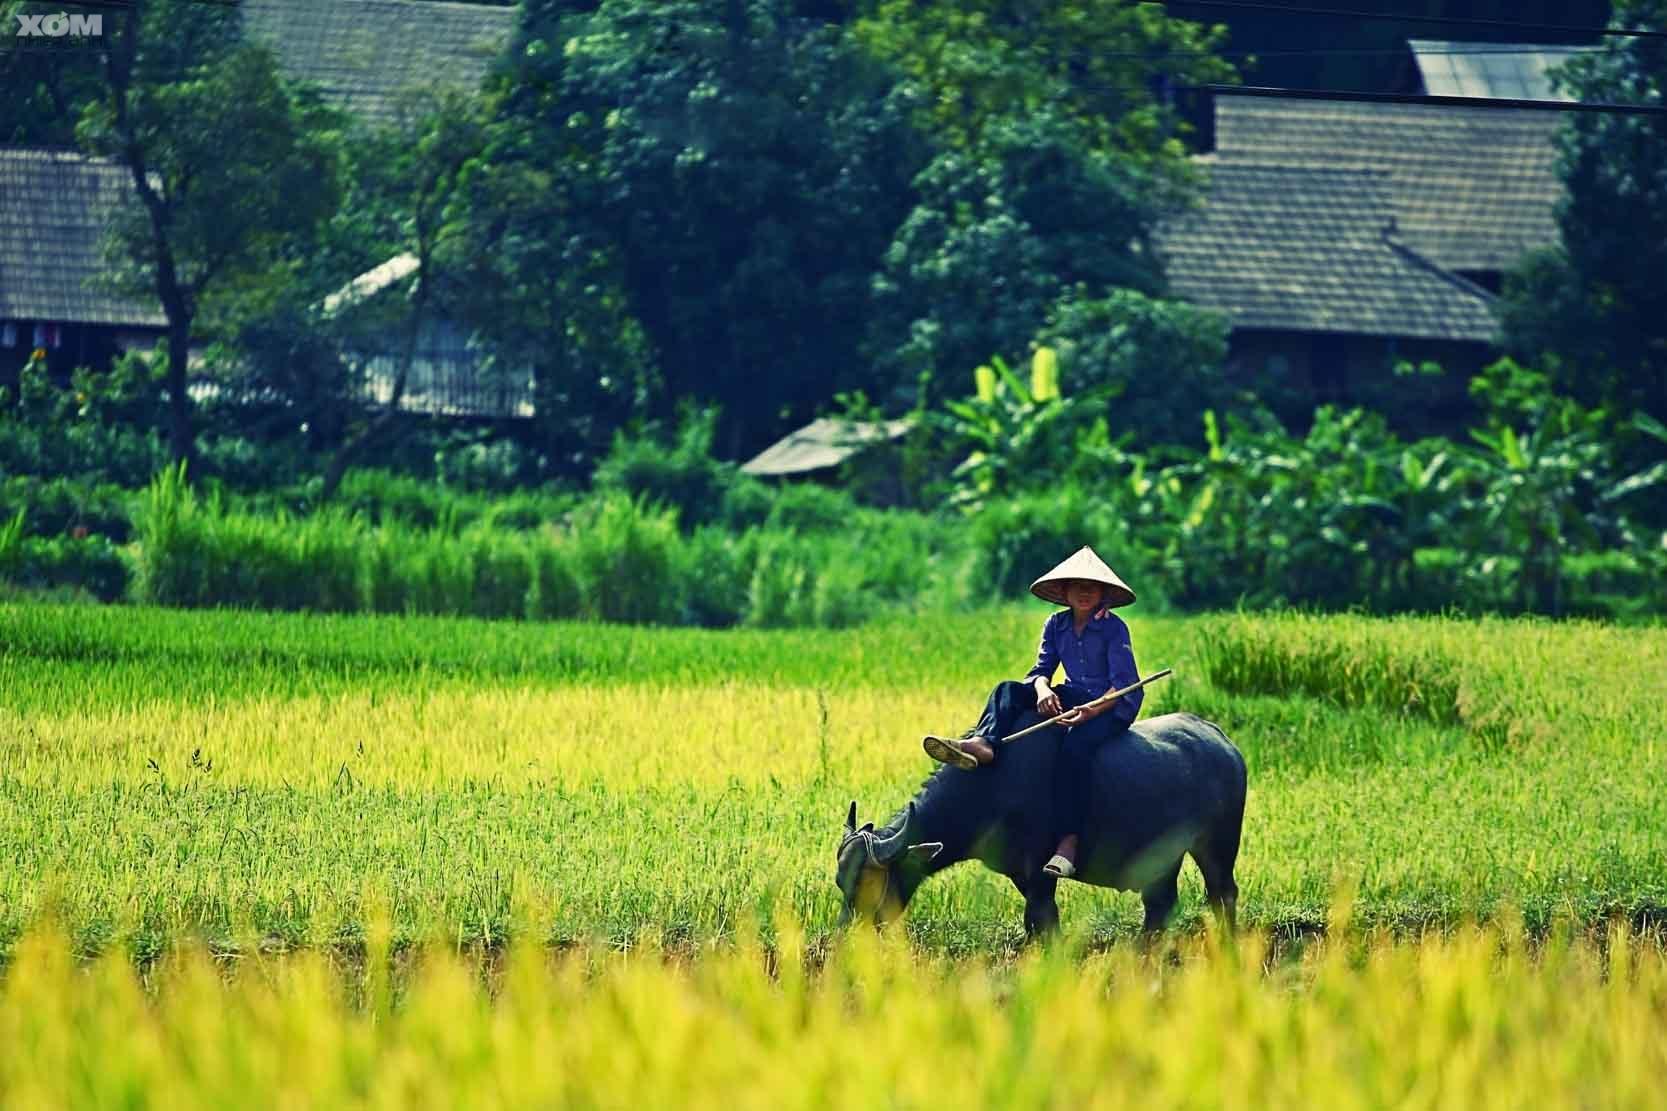 Hình ảnh quê hương và trẻ chăn trâu